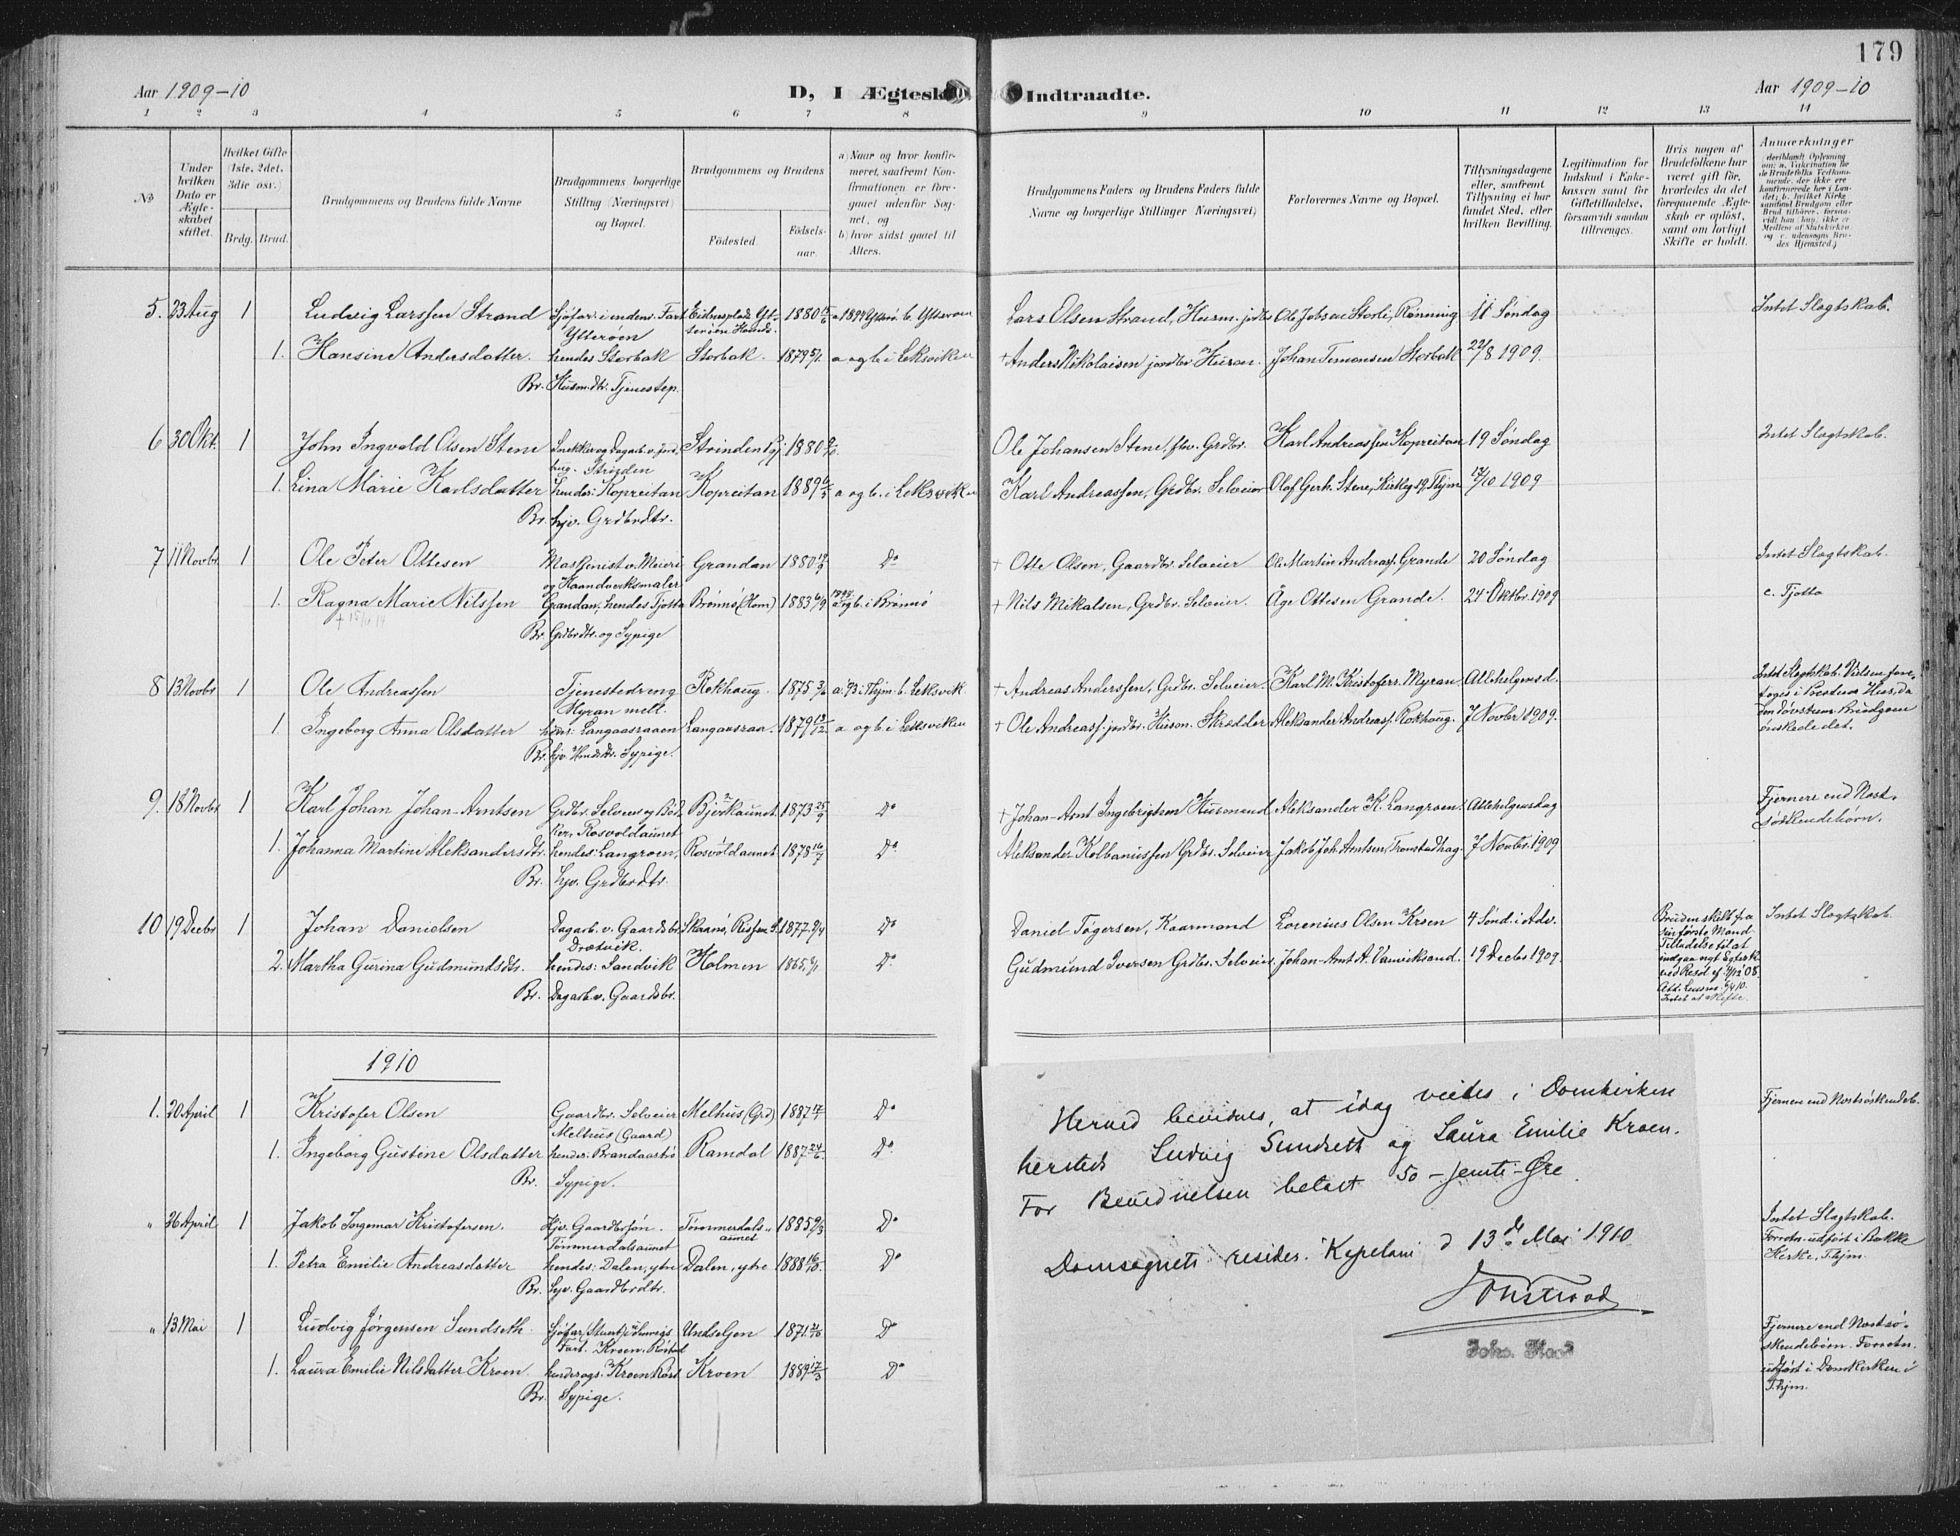 SAT, Ministerialprotokoller, klokkerbøker og fødselsregistre - Nord-Trøndelag, 701/L0011: Ministerialbok nr. 701A11, 1899-1915, s. 179